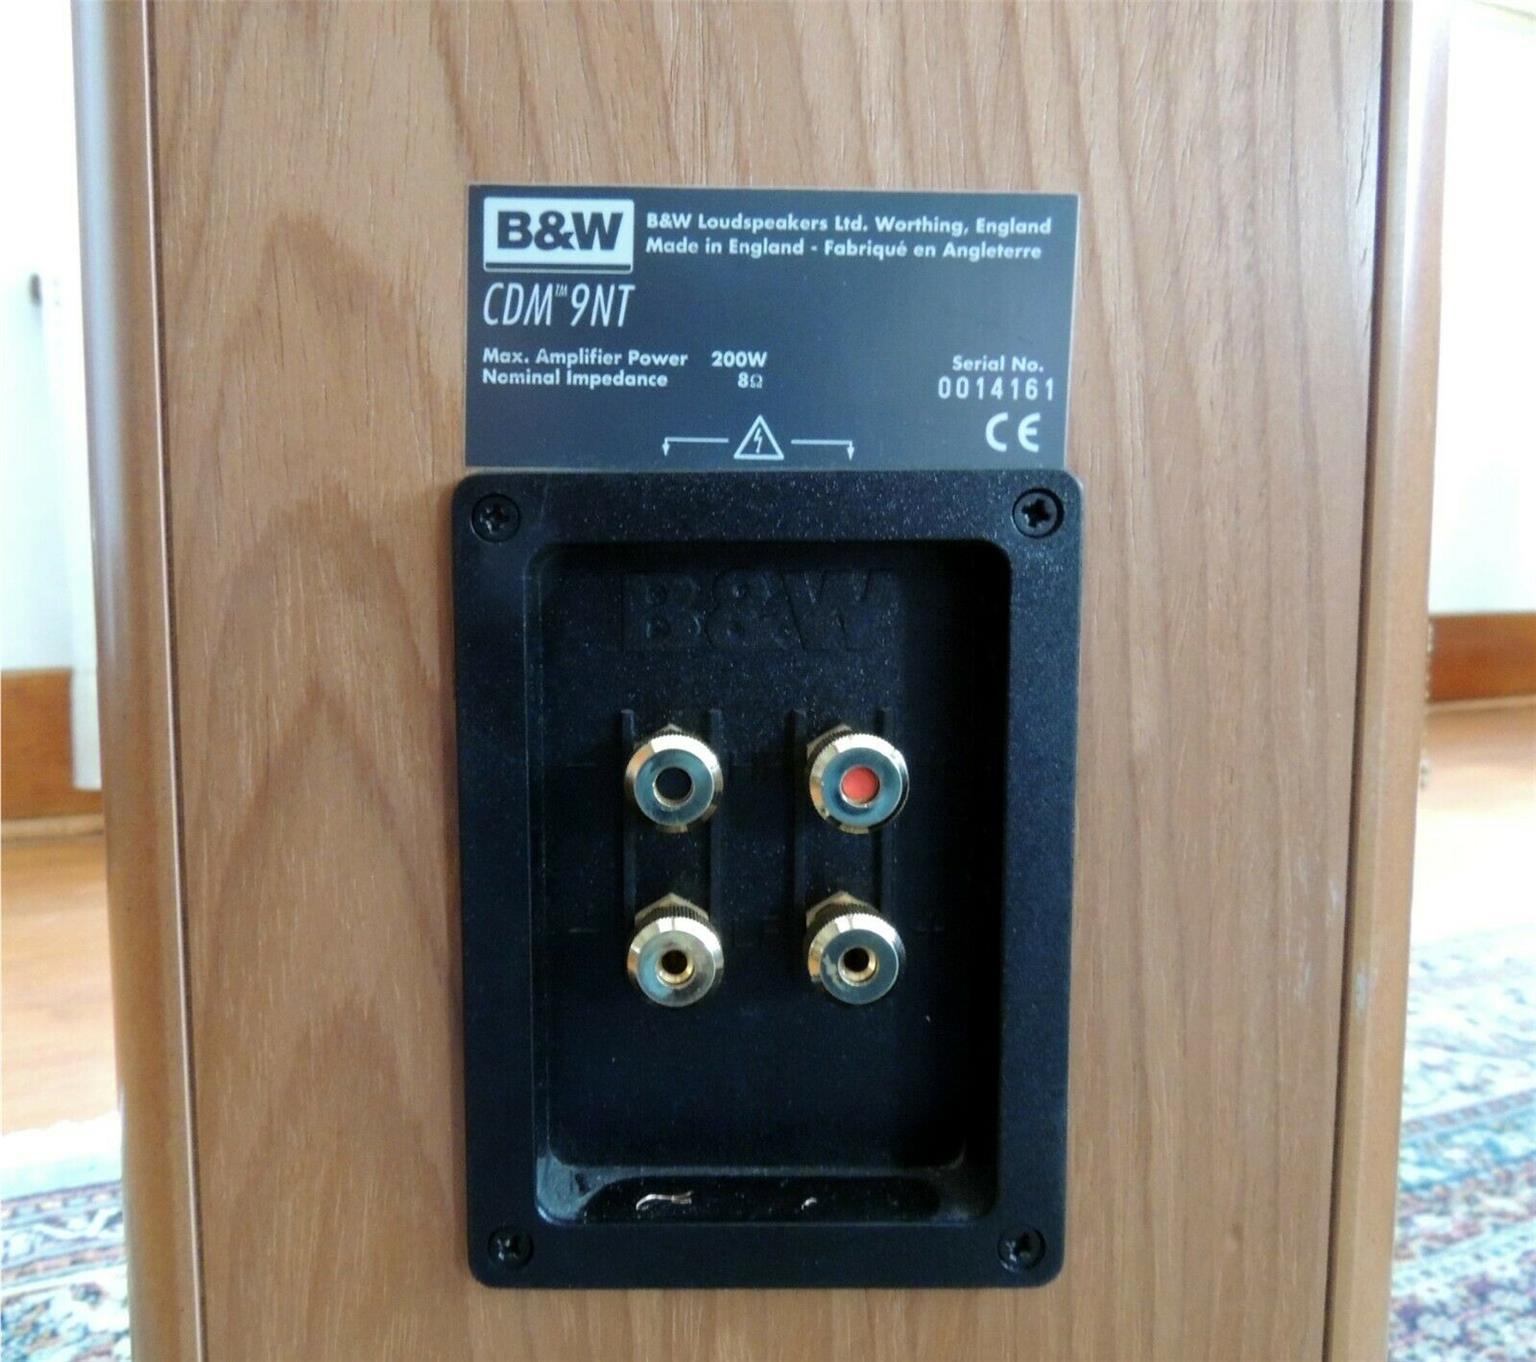 Bowers and Wilkins B&W CDM 9NT Floorstanding Speakers